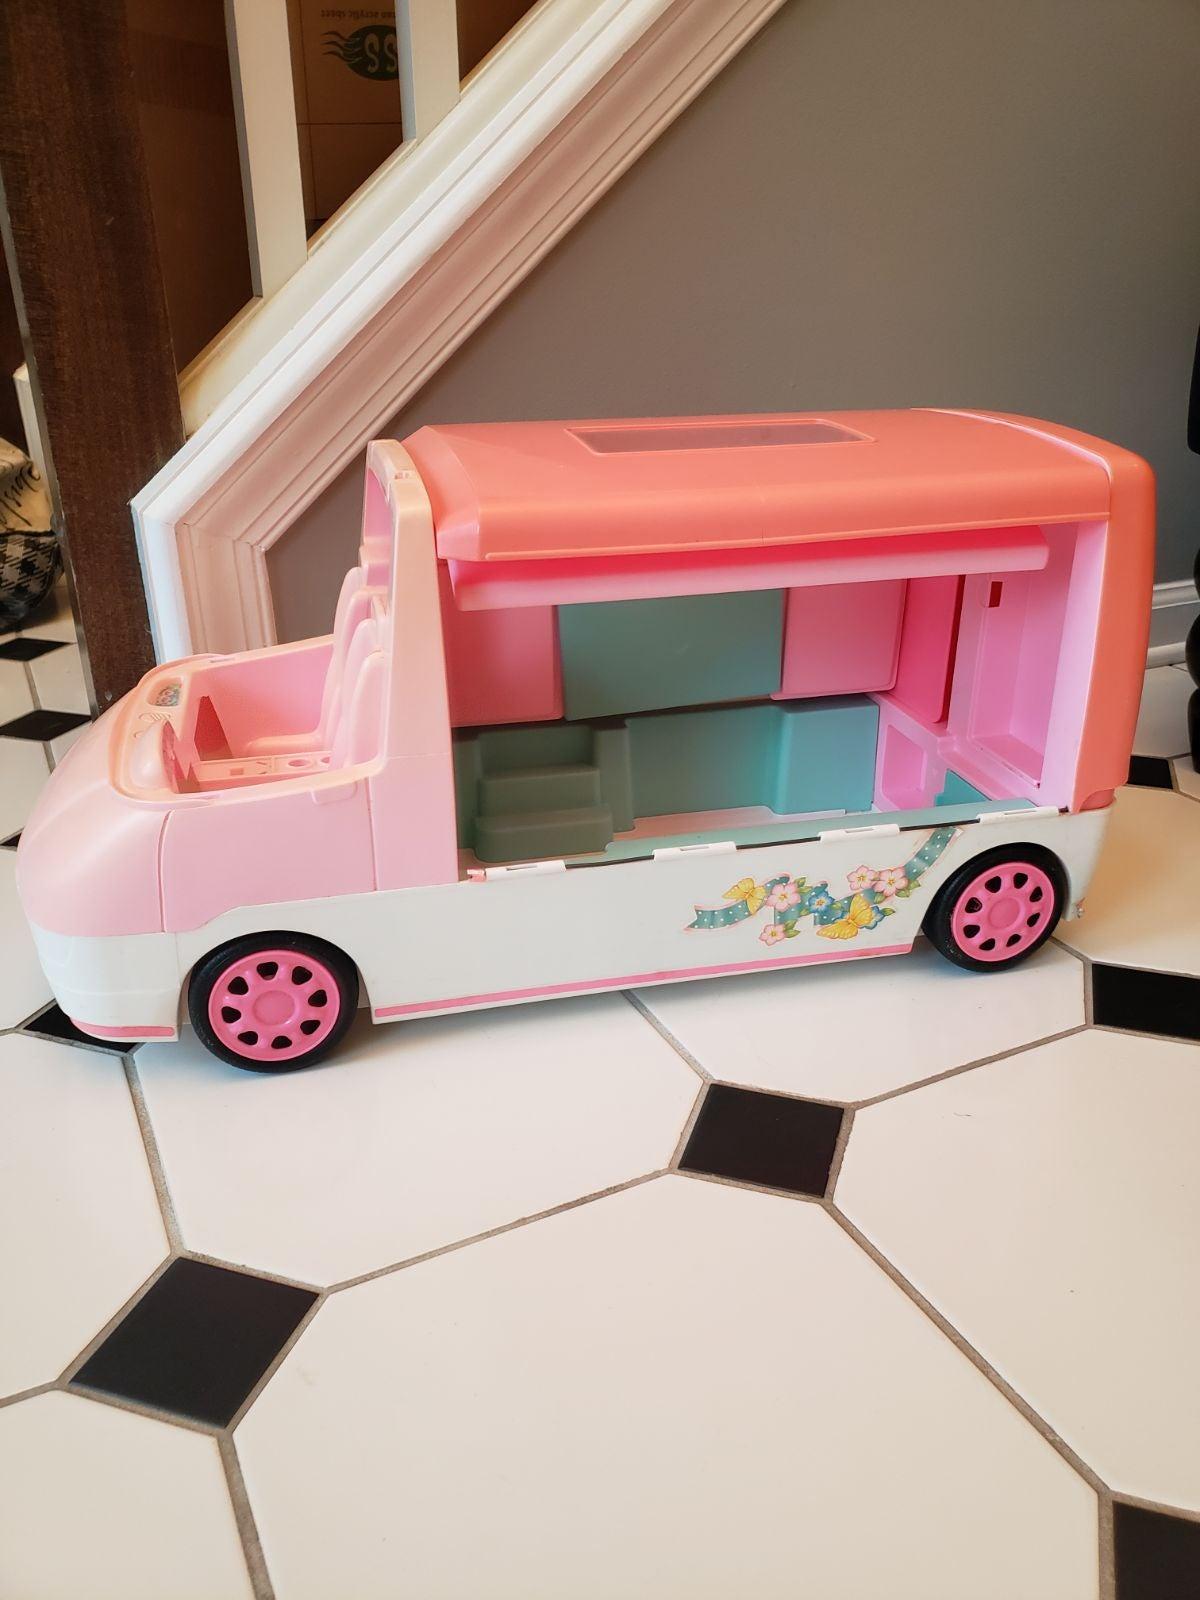 Barbie 1996 RV Maxi-Camper Motorhome